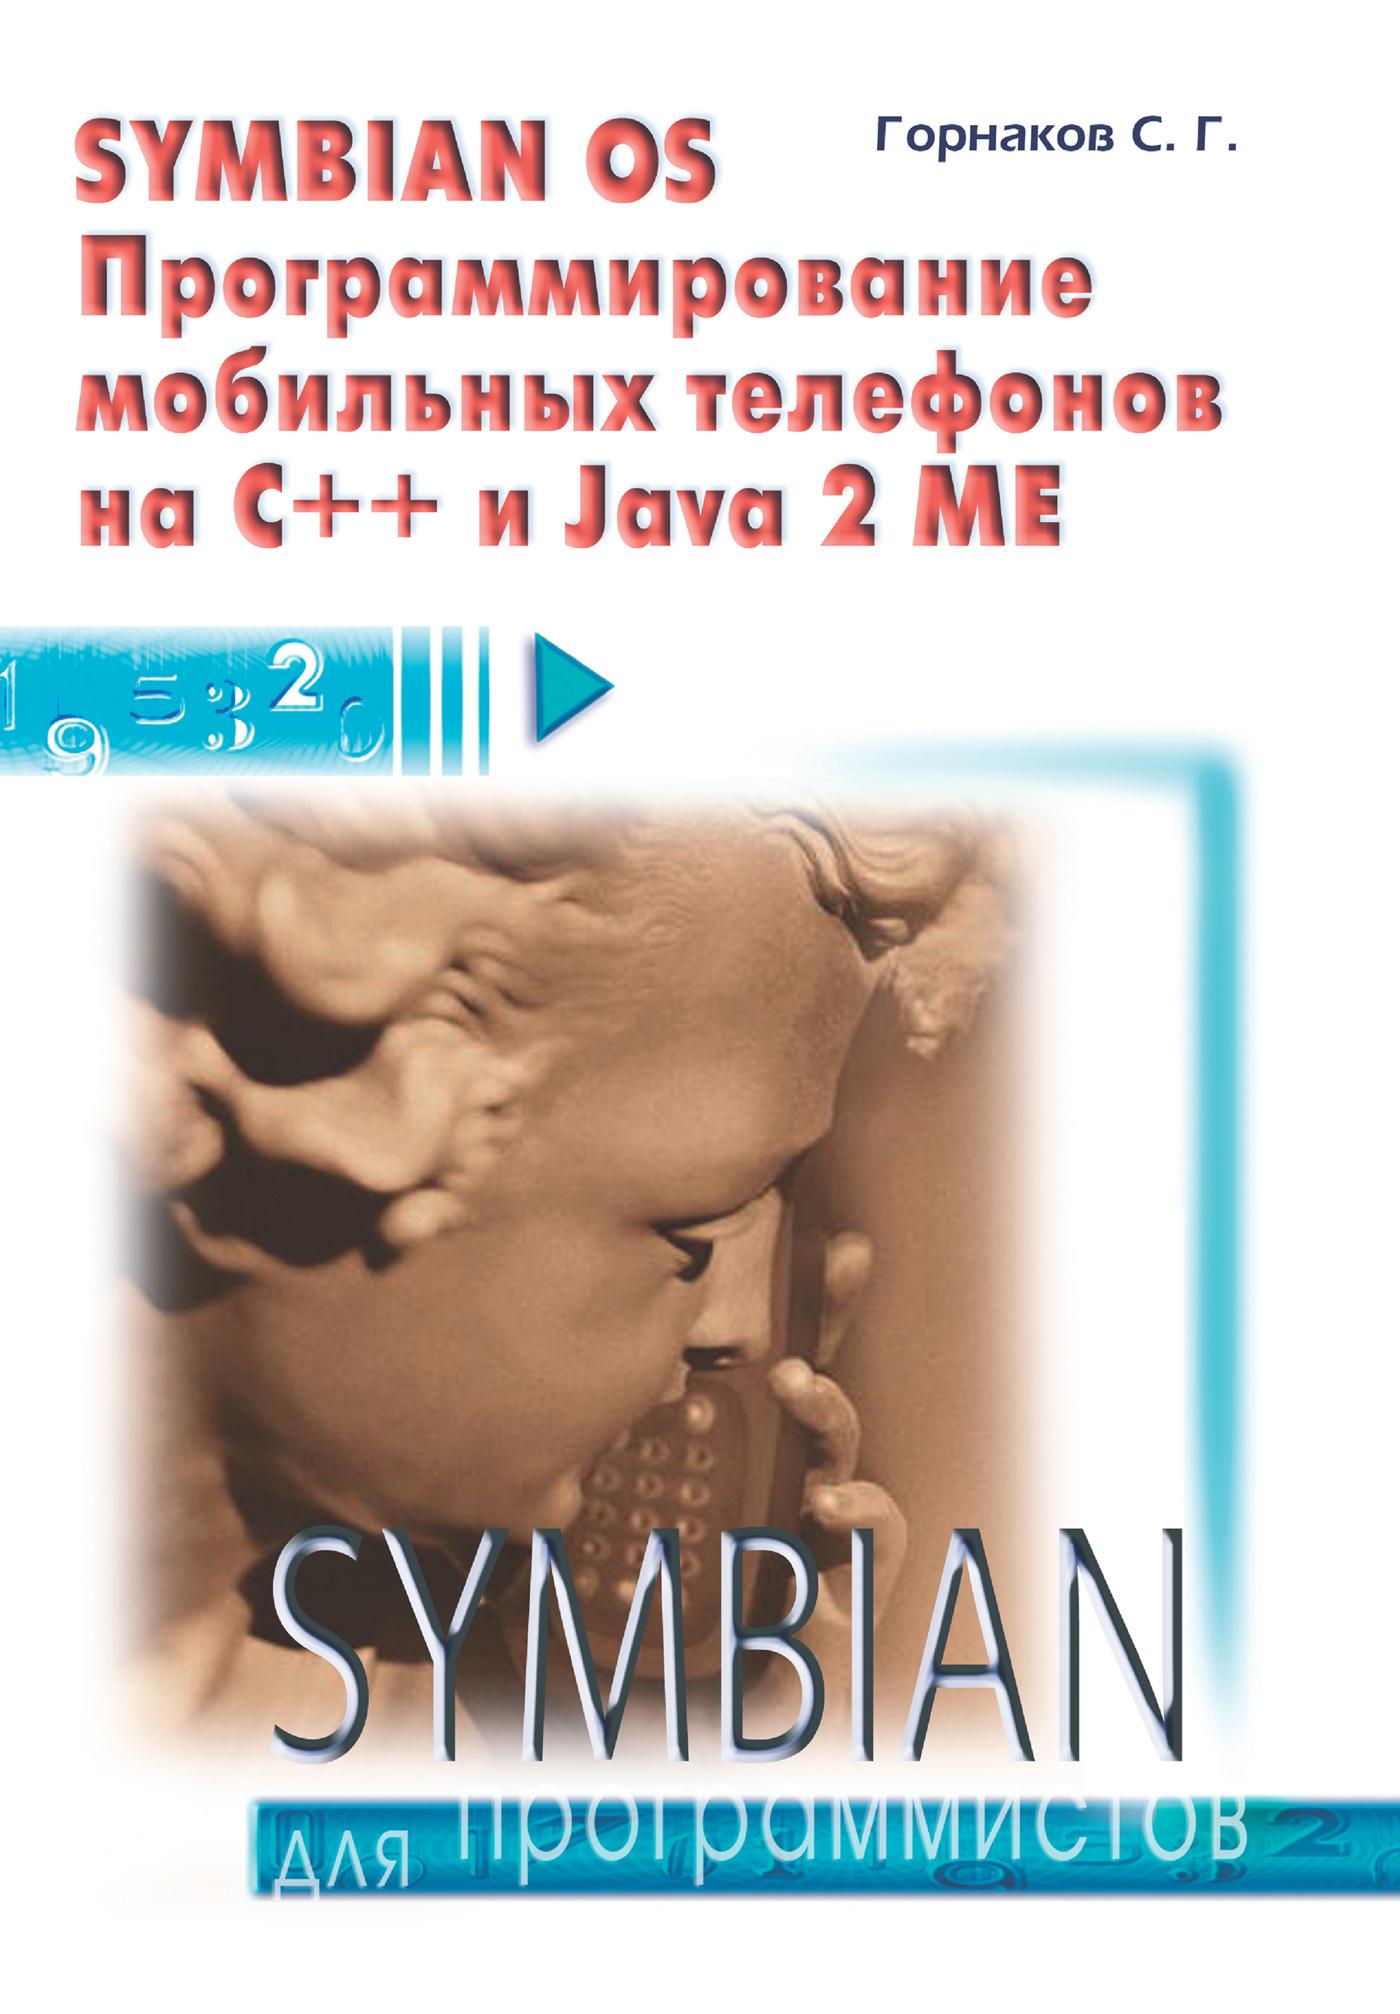 Станислав Горнаков Symbian OS. Программирование мобильных телефонов на C++ и Java 2 ME